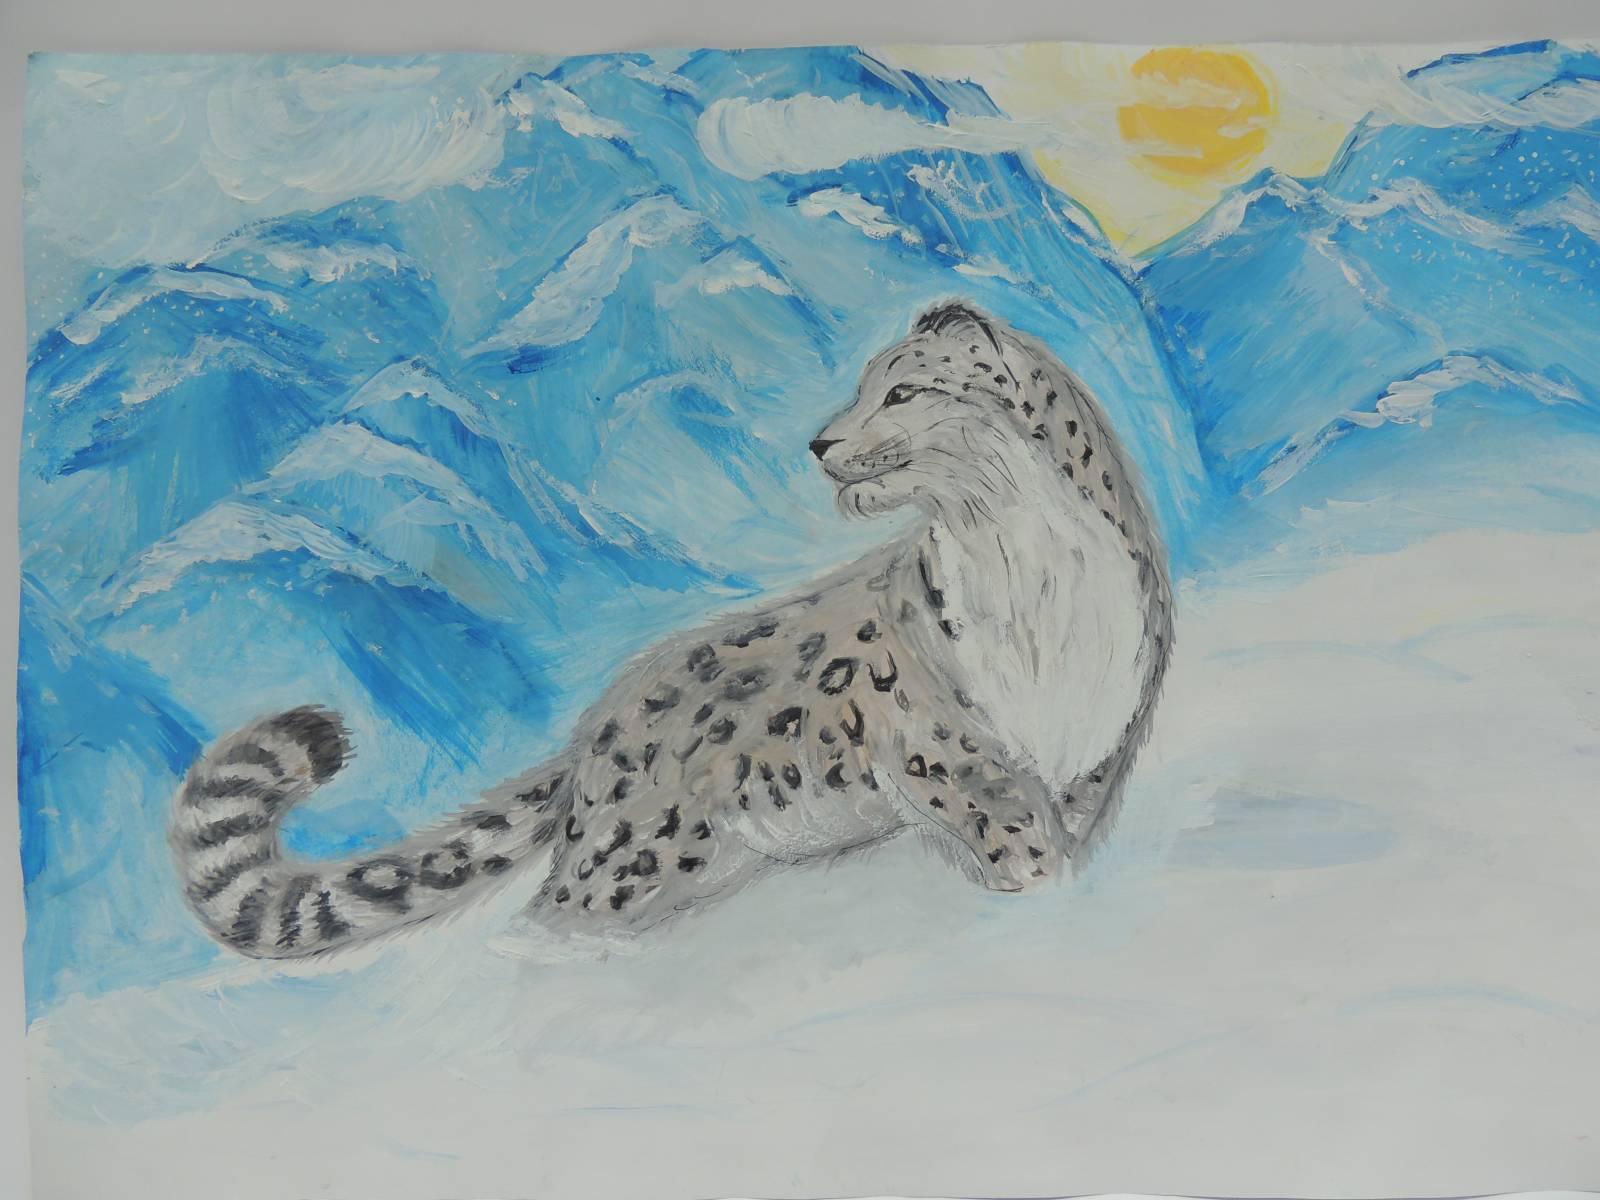 Картинка как нарисовать снежного барса